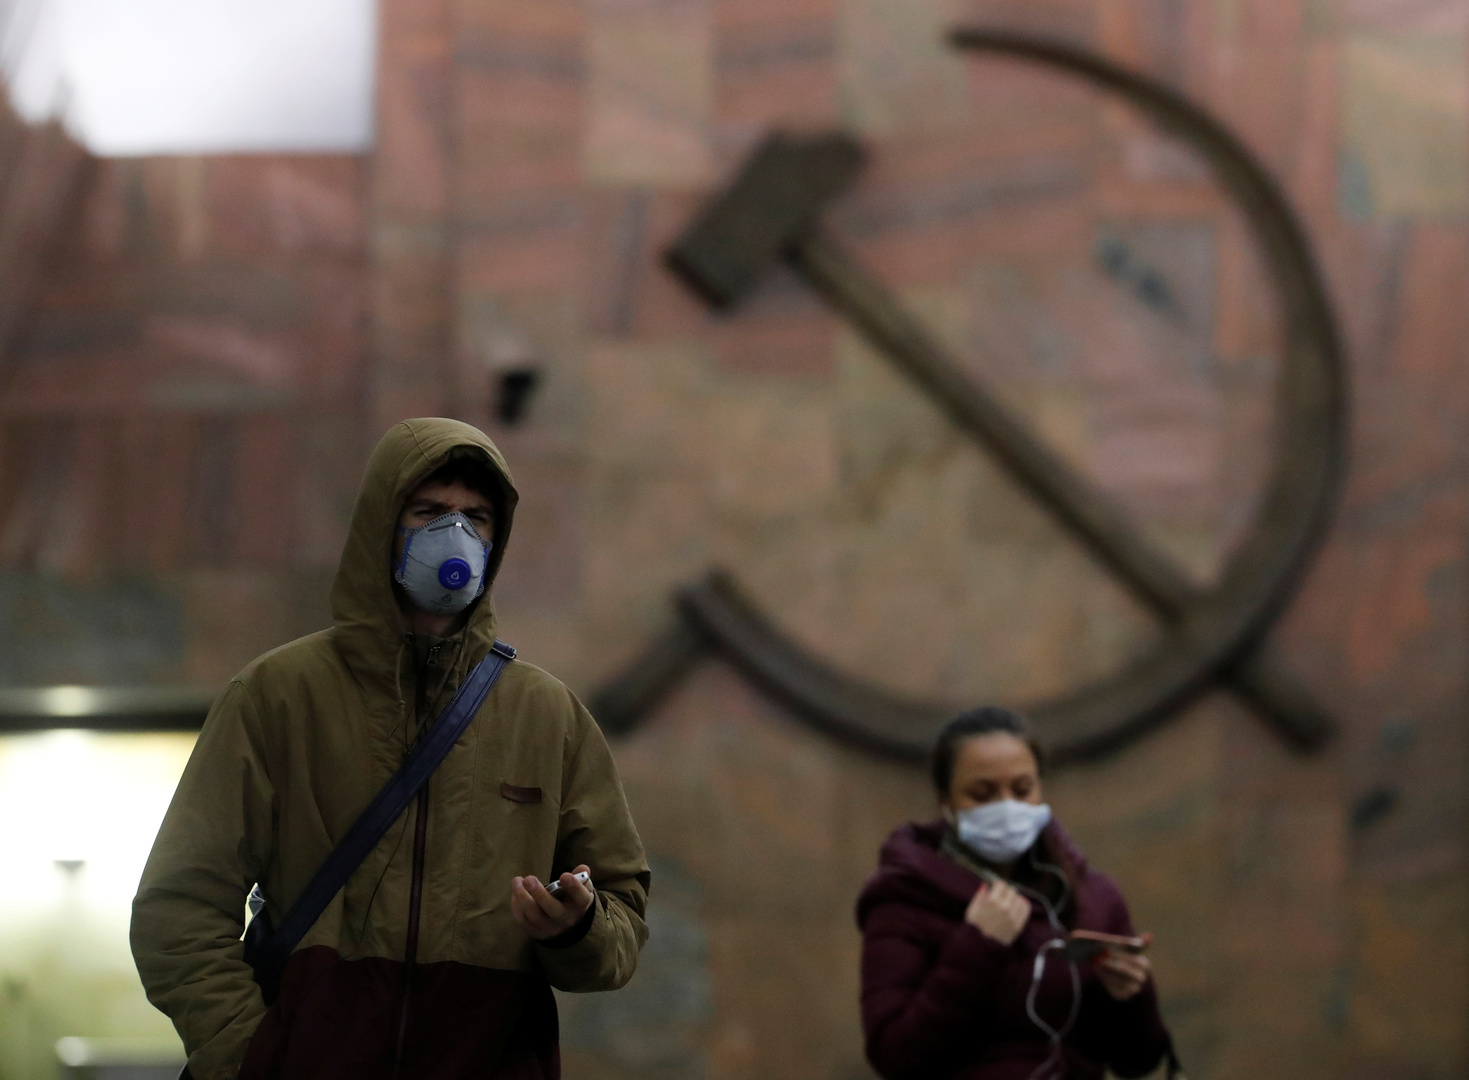 روسيا.. إصابات كورونا اليومية تتخطى الـ7000 وخبراء ينفون وجود موجة ثانية من الوباء